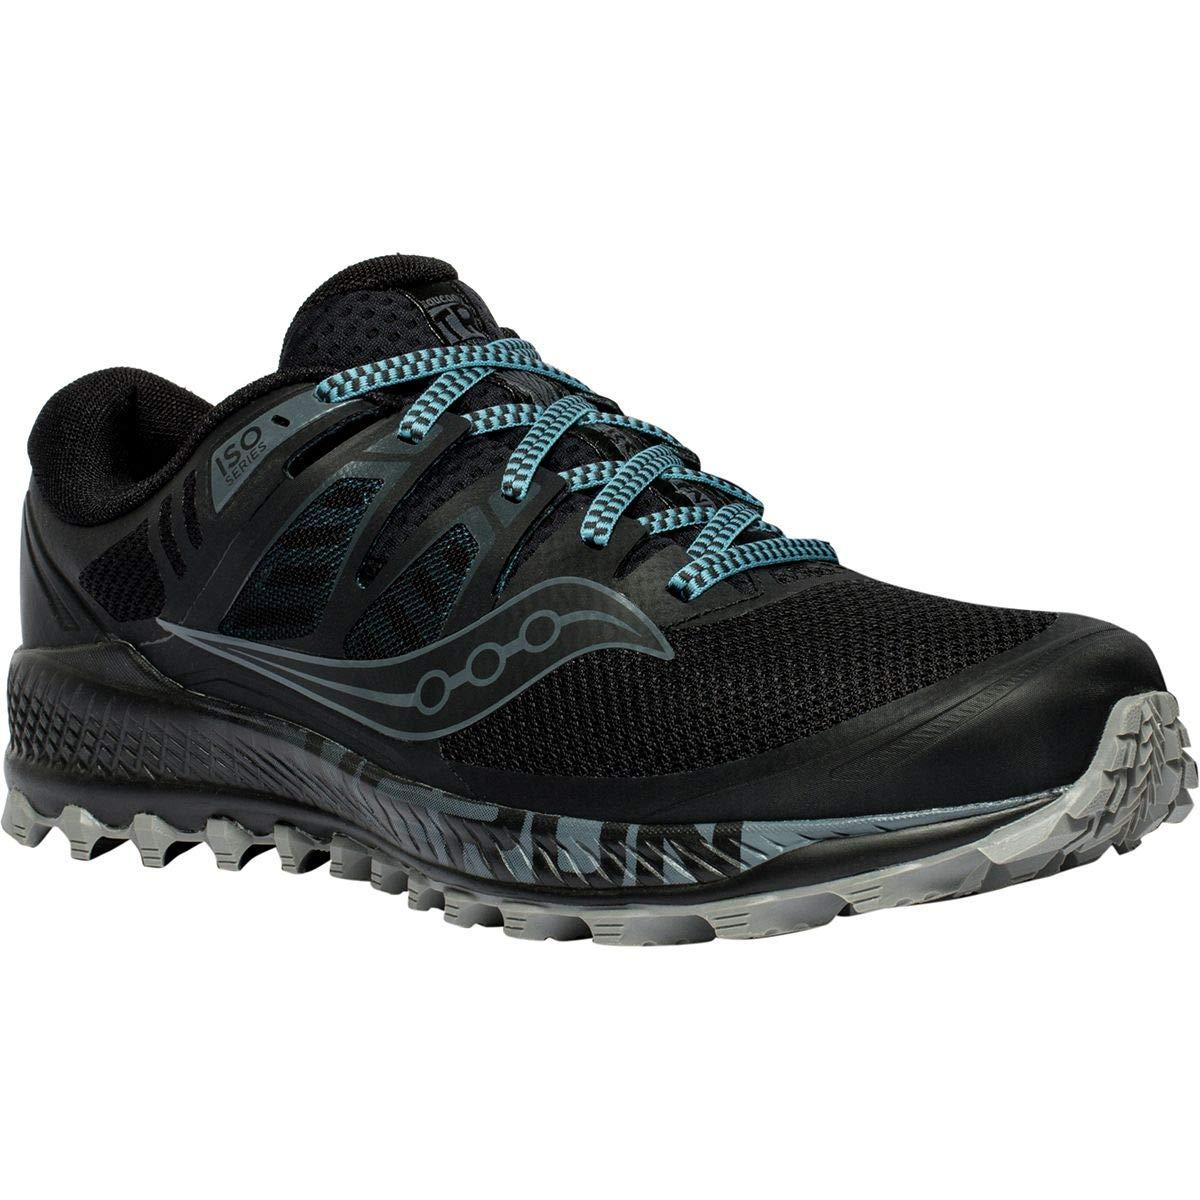 [サッカニー] ランニング メンズ ランニング Peregrine Running Iso Trail Running Shoe Iso [並行輸入品] B07P3ZK4MD 9, ゴールデンベアストア:d5b89a0a --- dqfansurvey.online